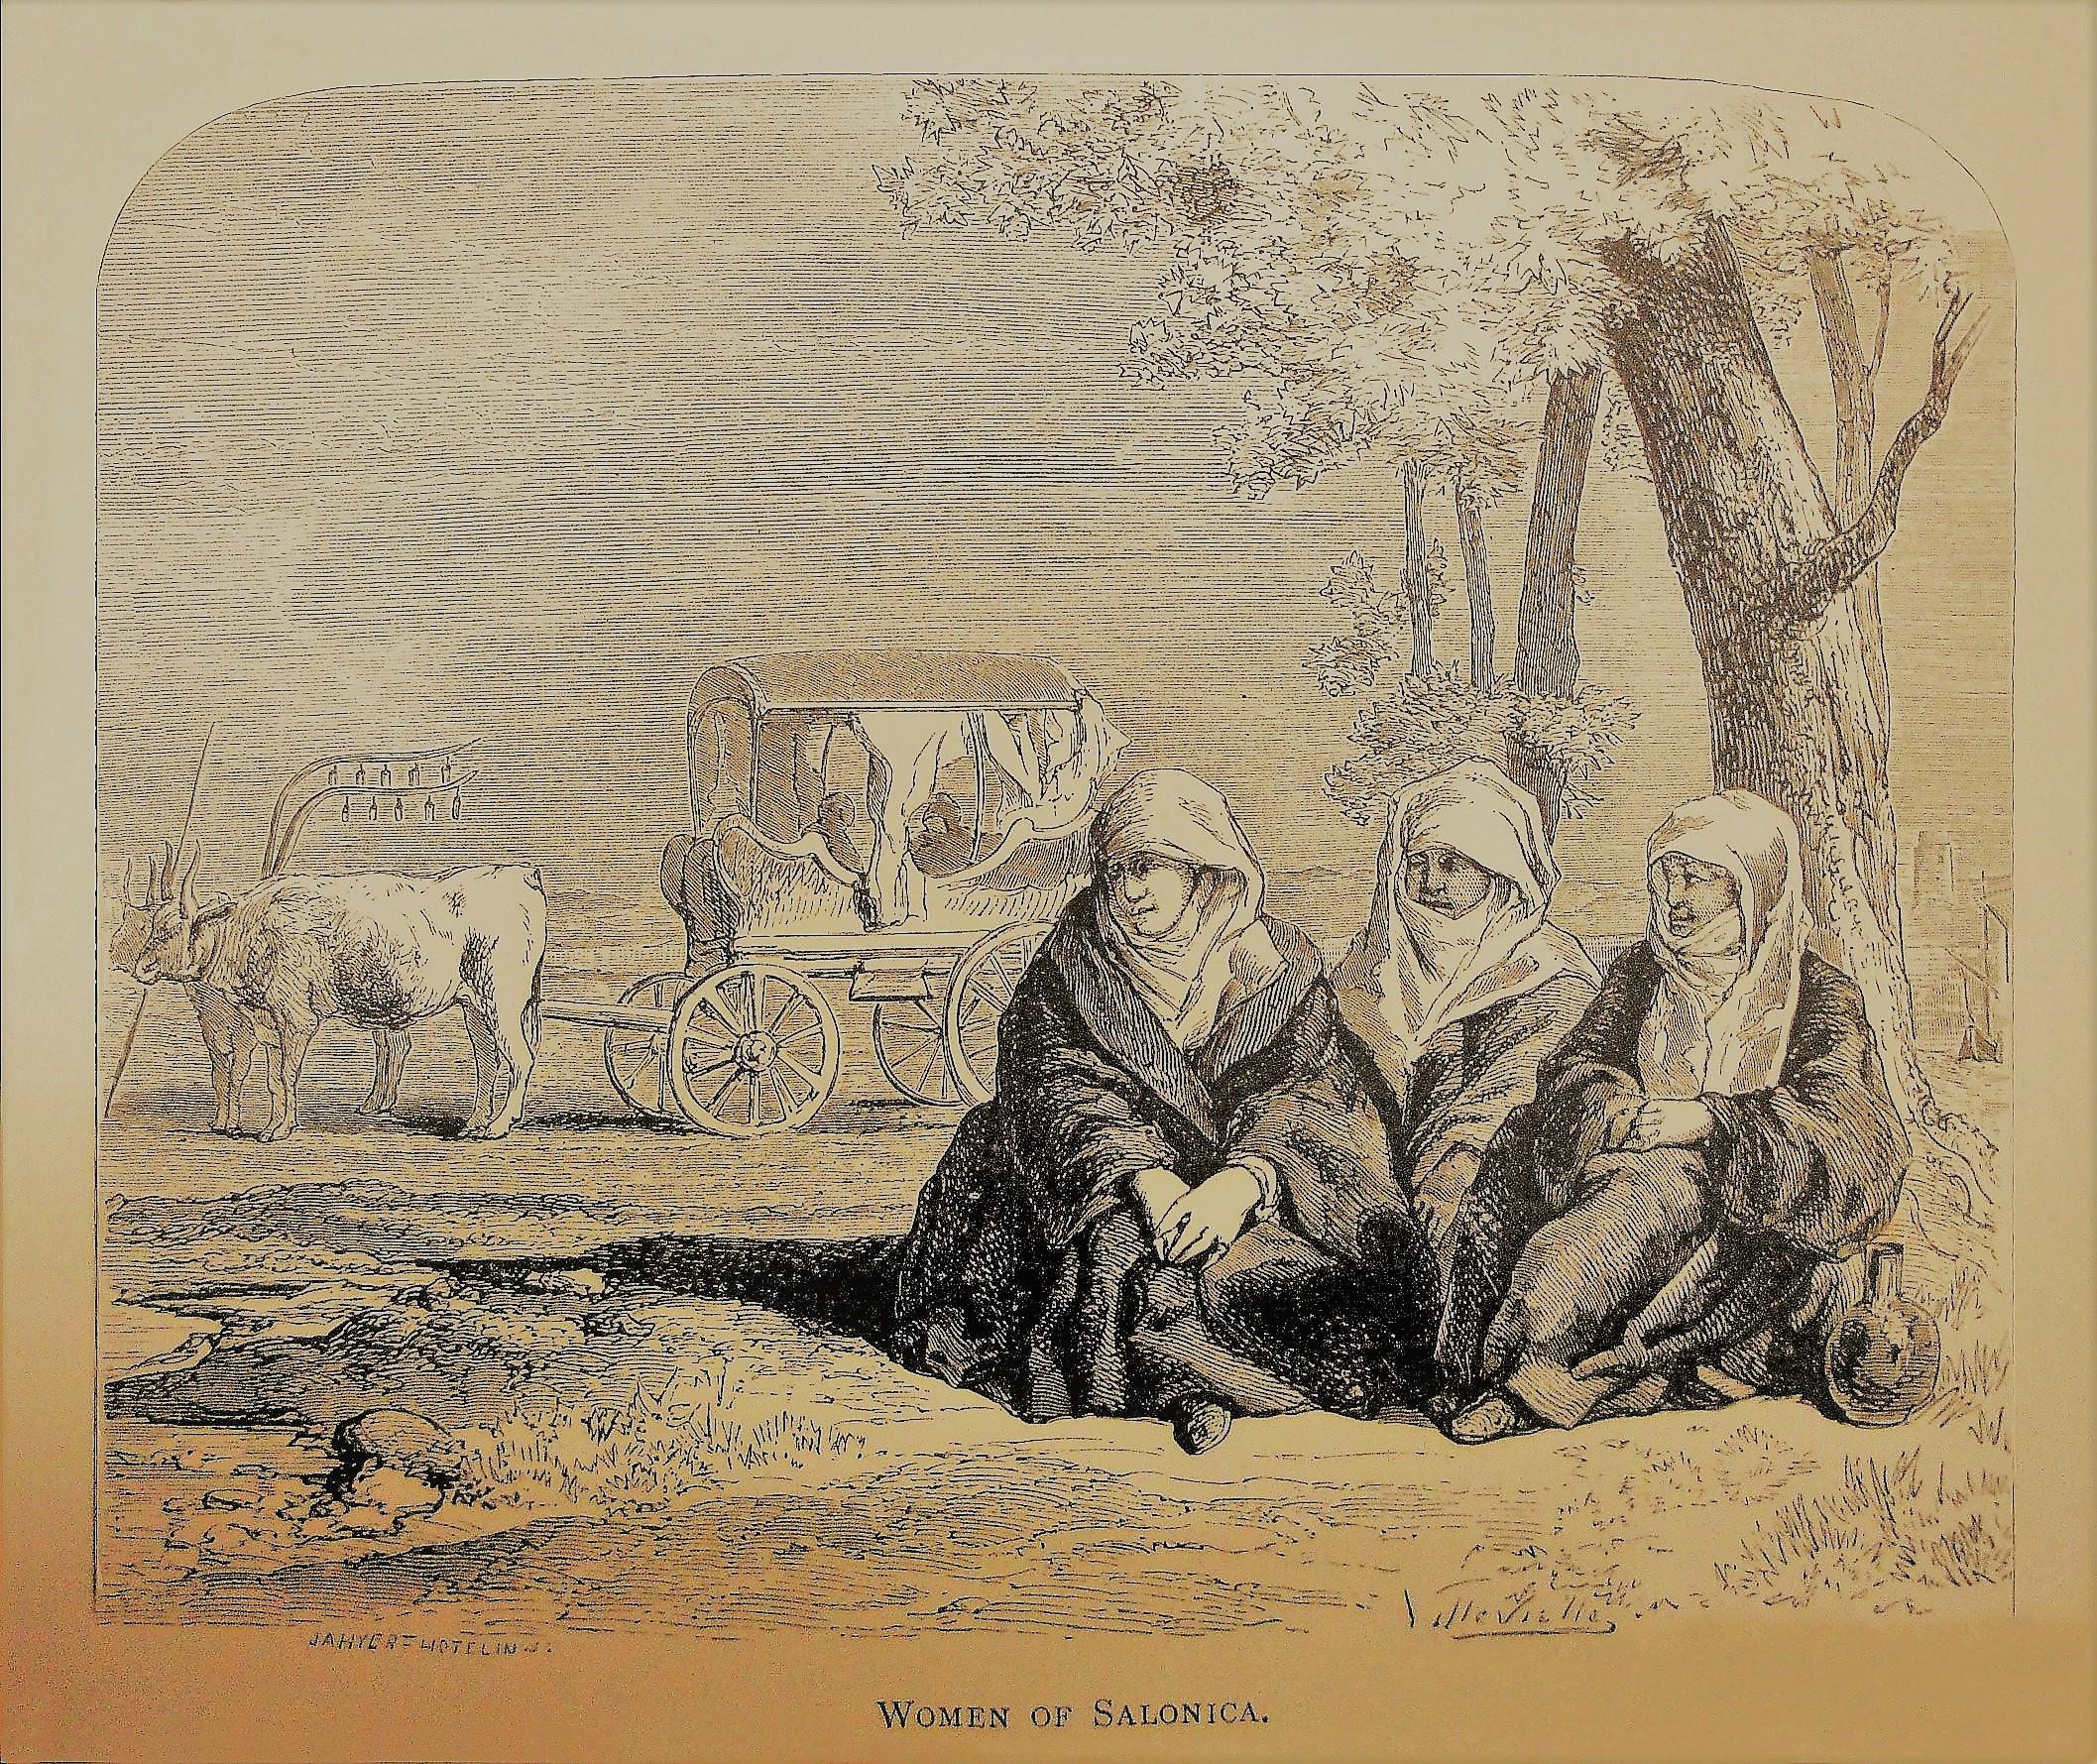 Γκραβούρα από το αρχείο του Γ. Αικατερινάρη· γυναίκες της Θεσσαλονίκης το 1860. Σε προγενέστερη έκδοσή της, είχε το ίδιο θέμα, έχοντας ωστόσο τον υπότιτλο «γυναίκες των Βασιλικών».